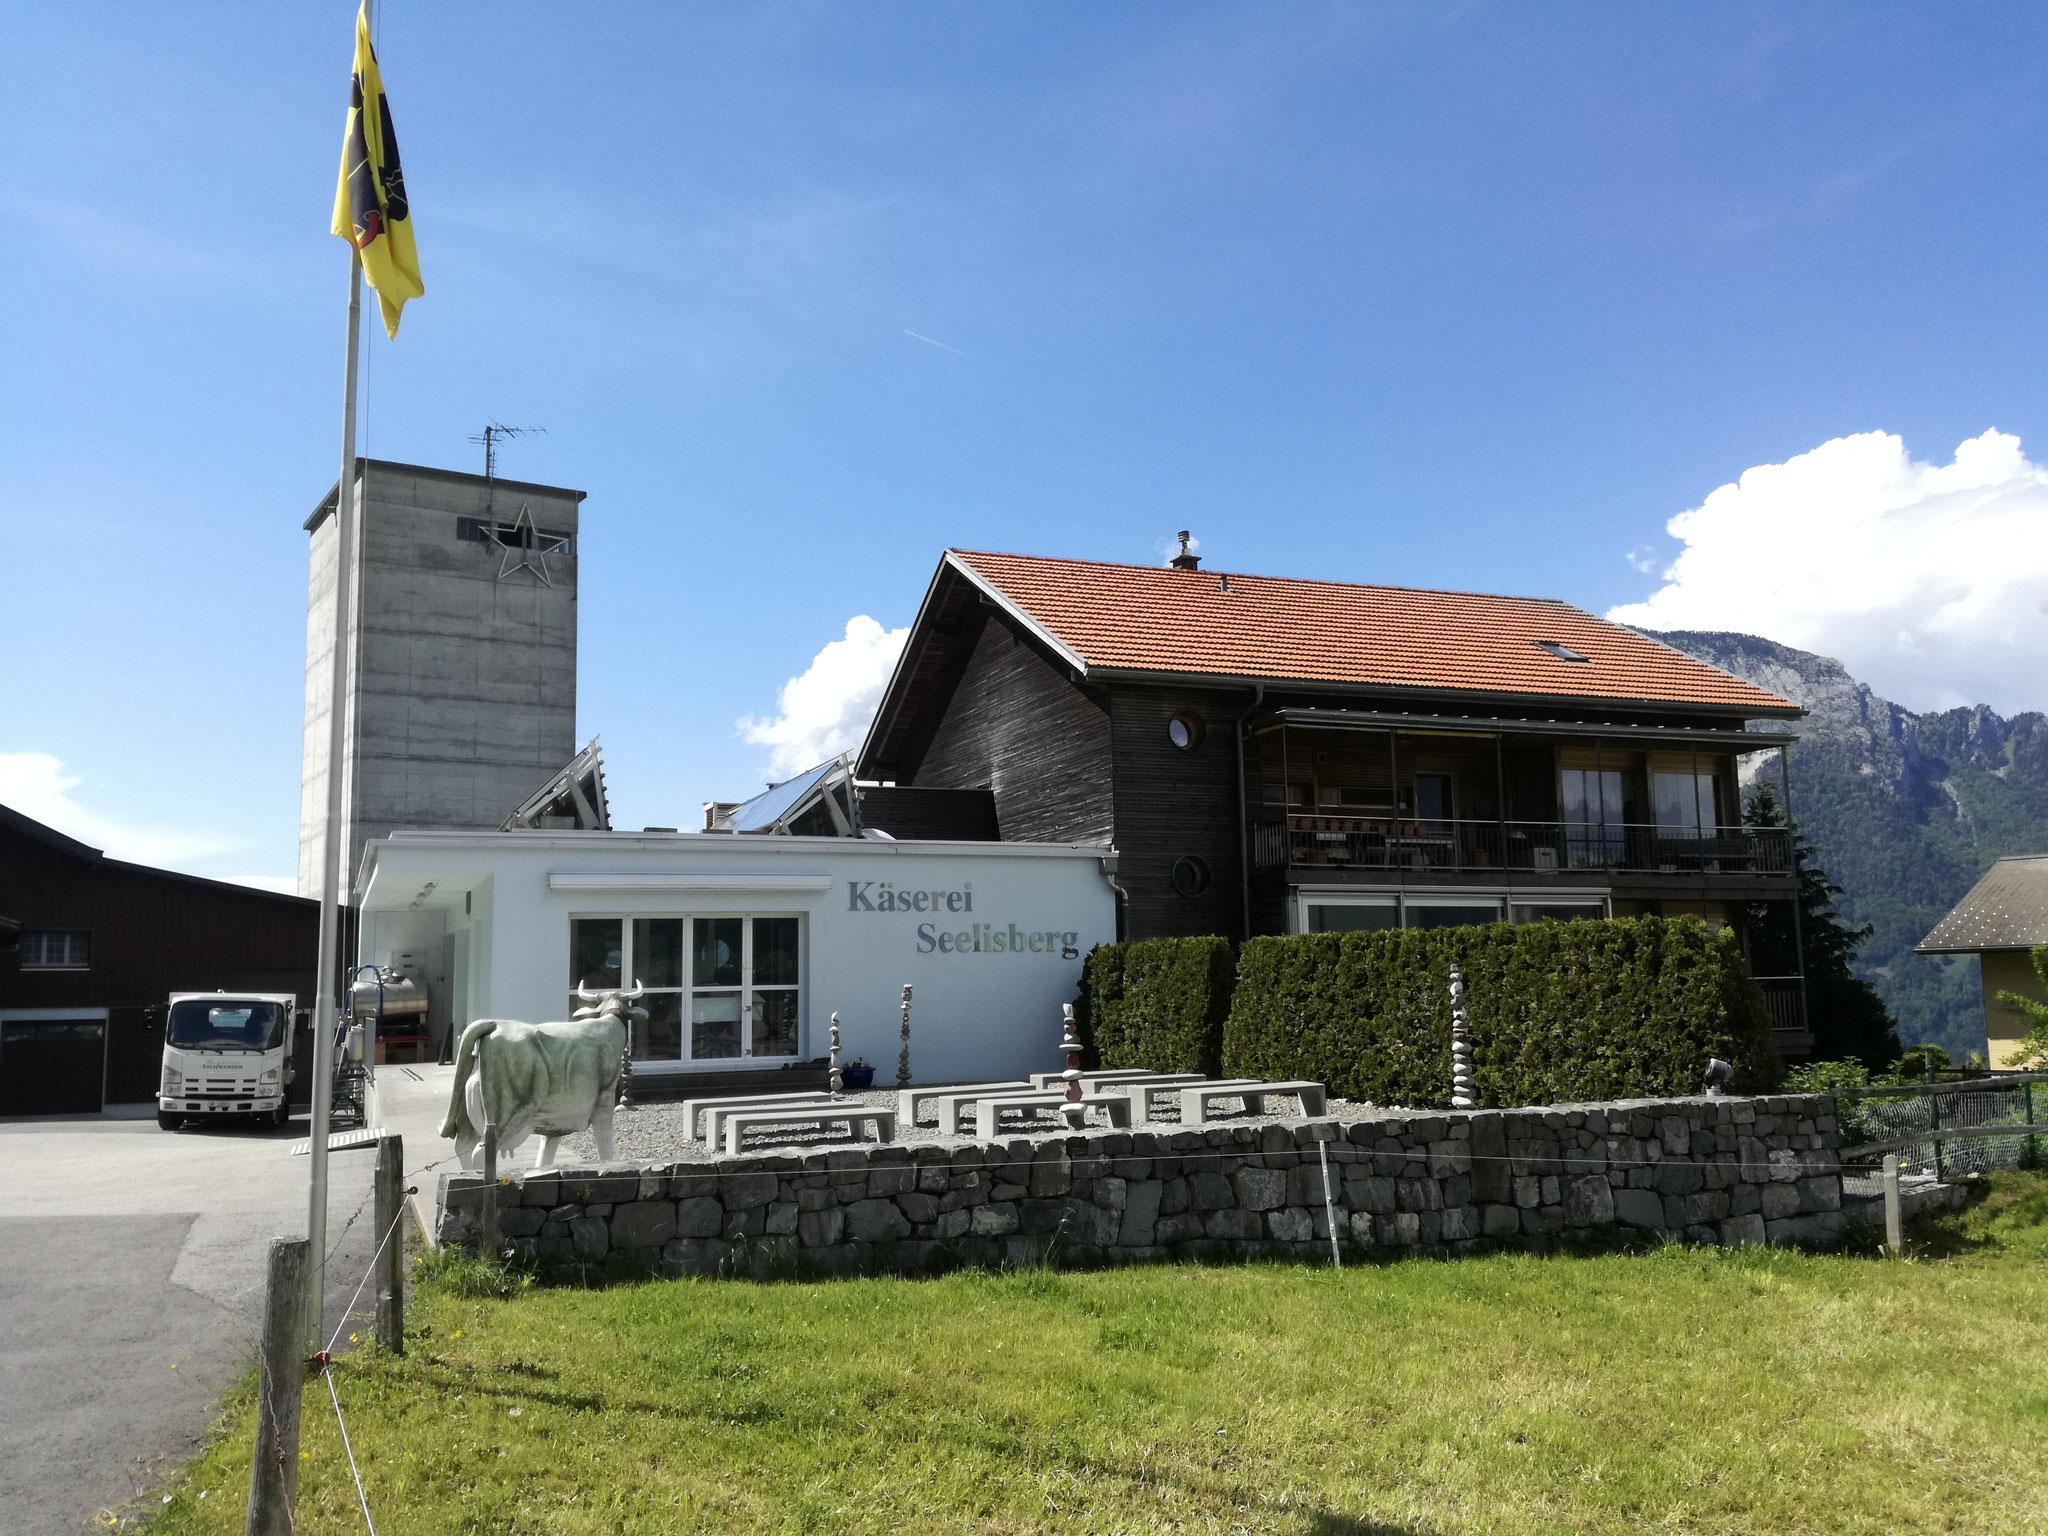 Käserei Aschwanden Seelisberg